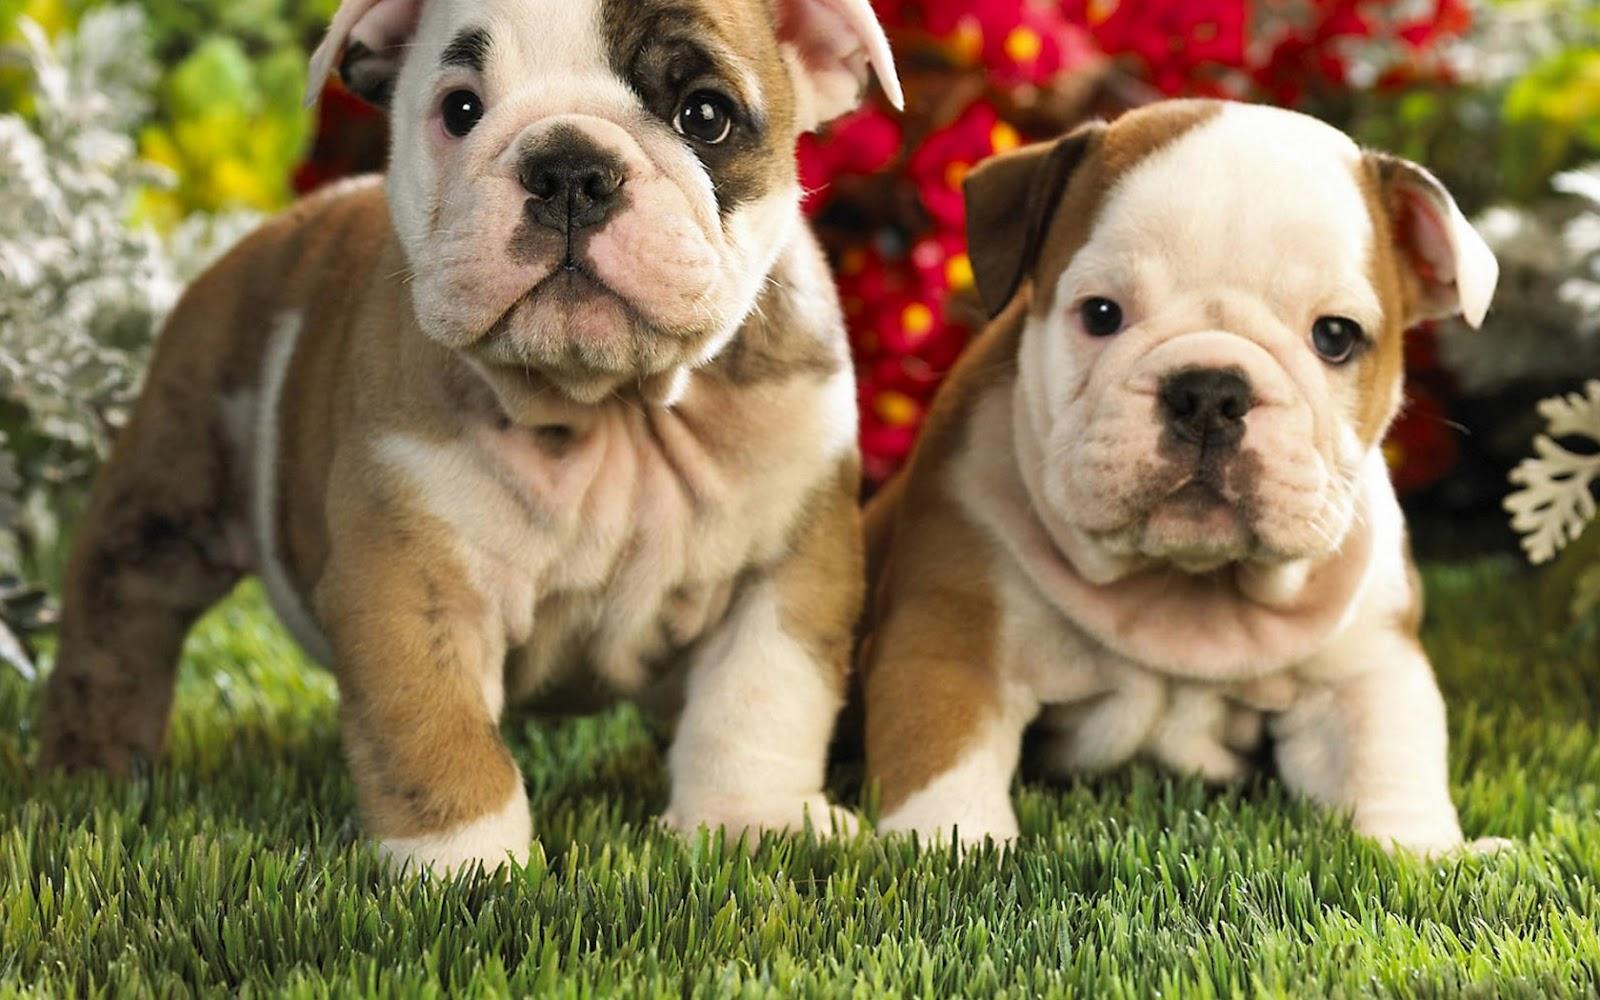 Imagenes de perros hermosos fondos de pantalla for Fondos de pantalla de perritos